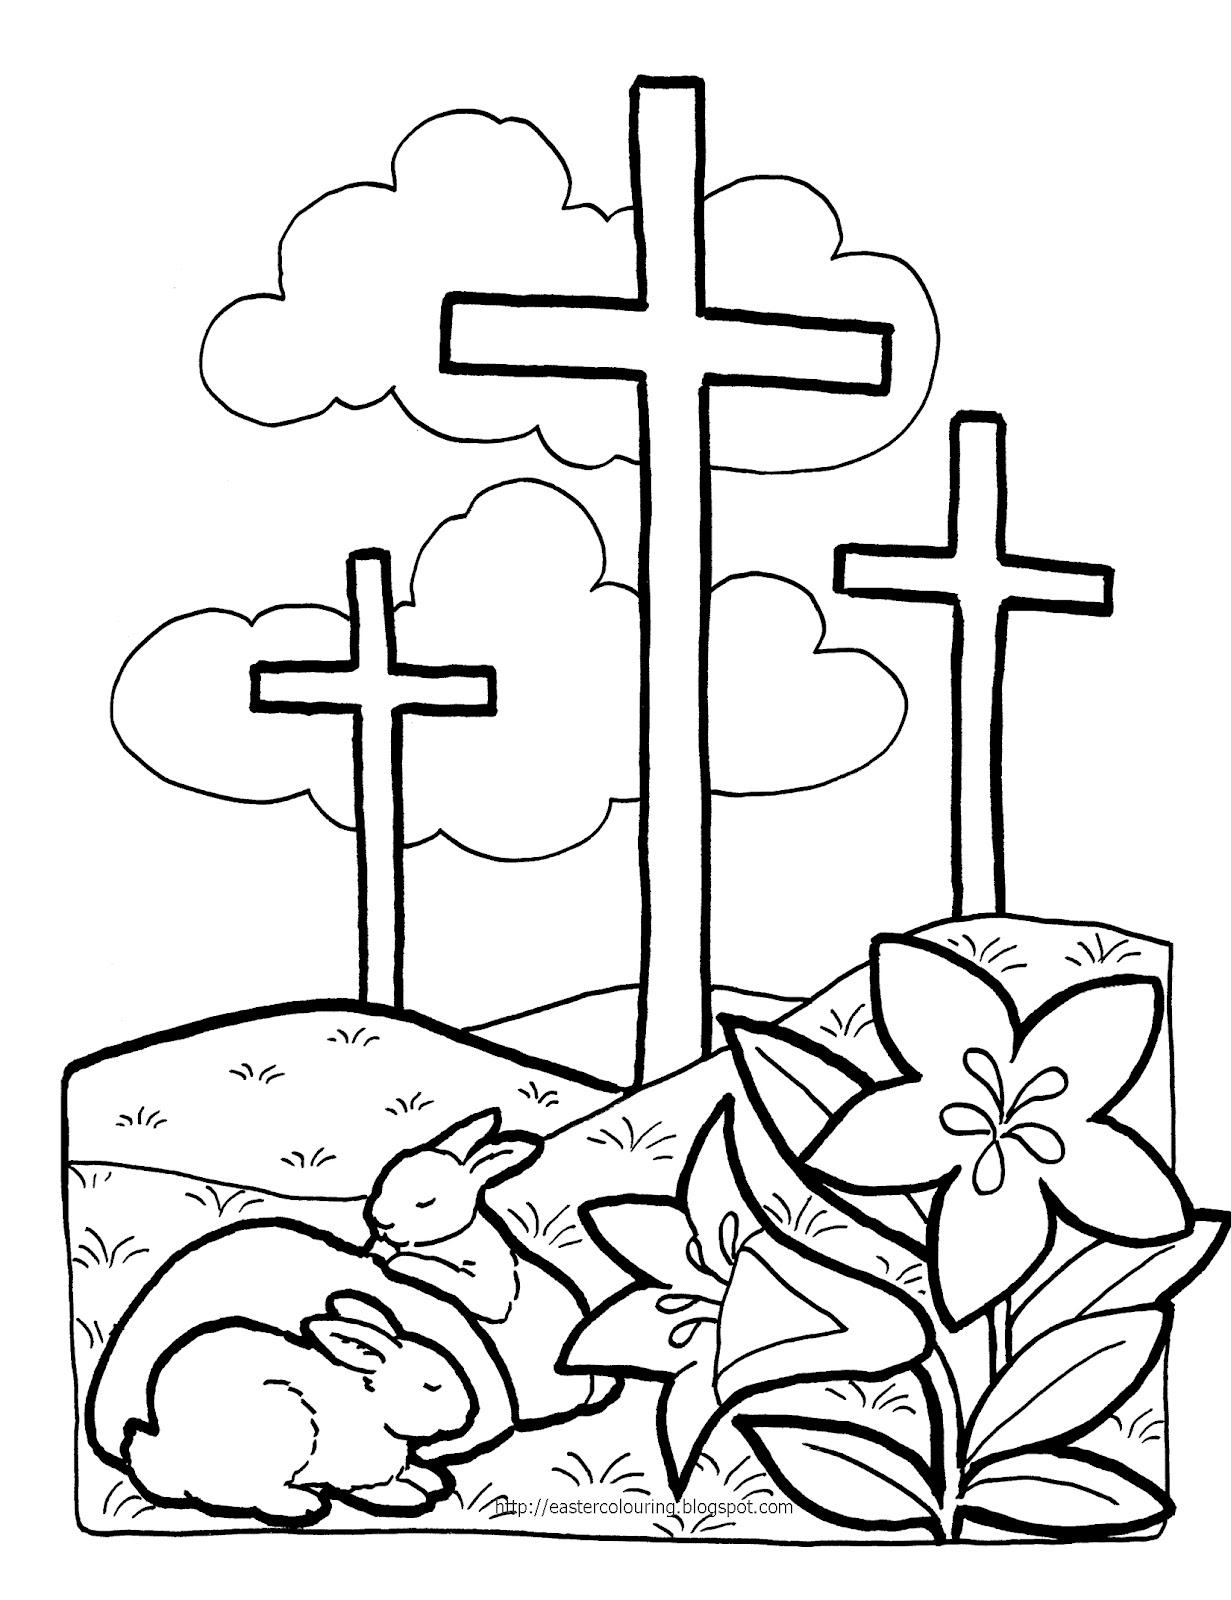 colouring religious